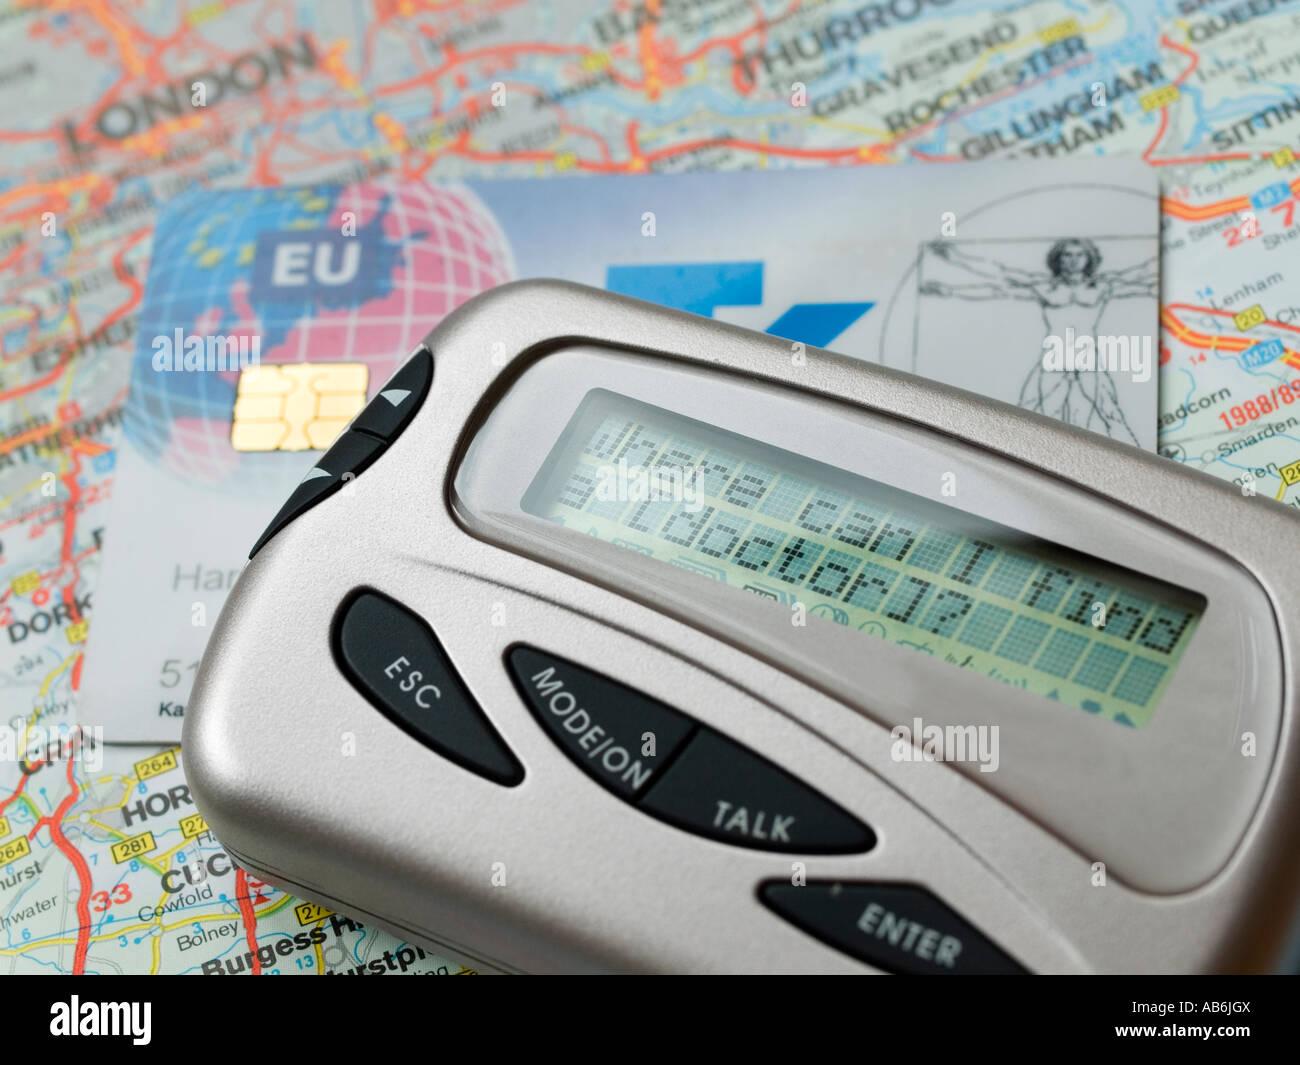 Carte Assurance Maladie Traduction.Maladies Sain Et Complait Traduction Voyage Outil